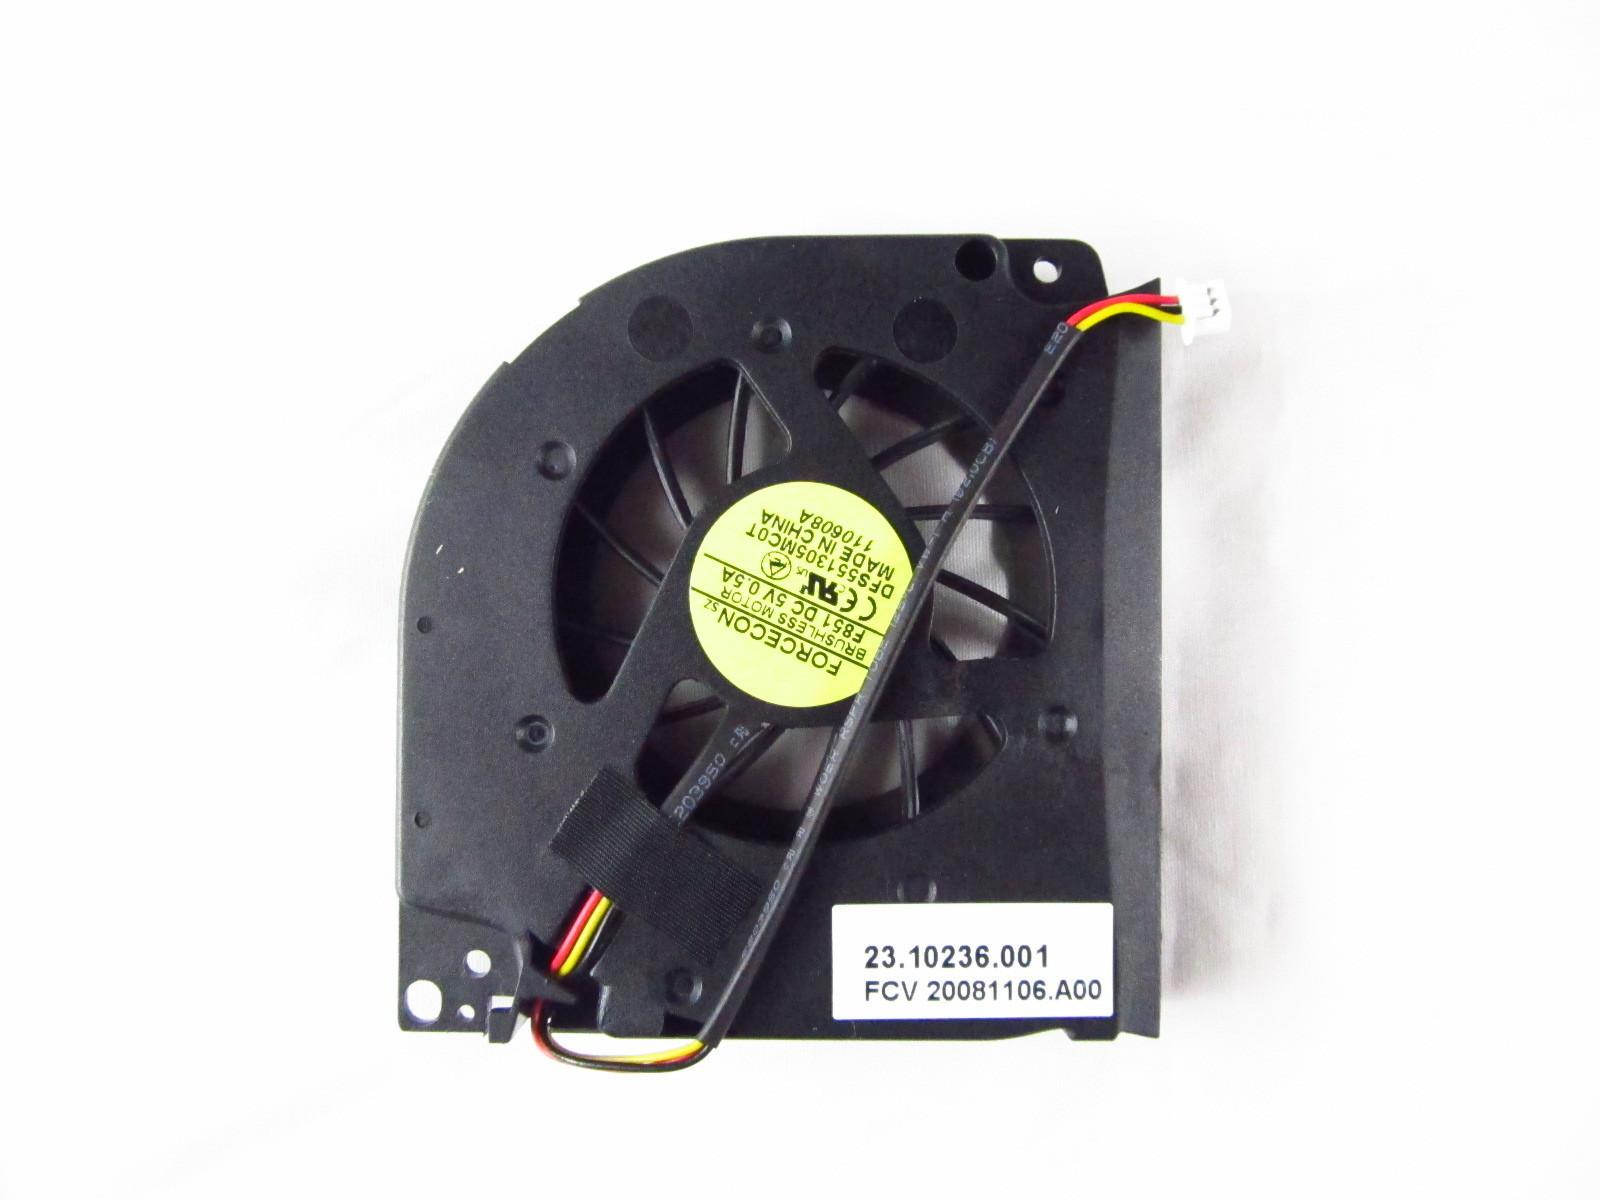 Ventilátor chlazení pro notebooky Acer TravelMate 5230 5330 5530 5730 5520G 5740 5710G 5710 5720 5520 5100